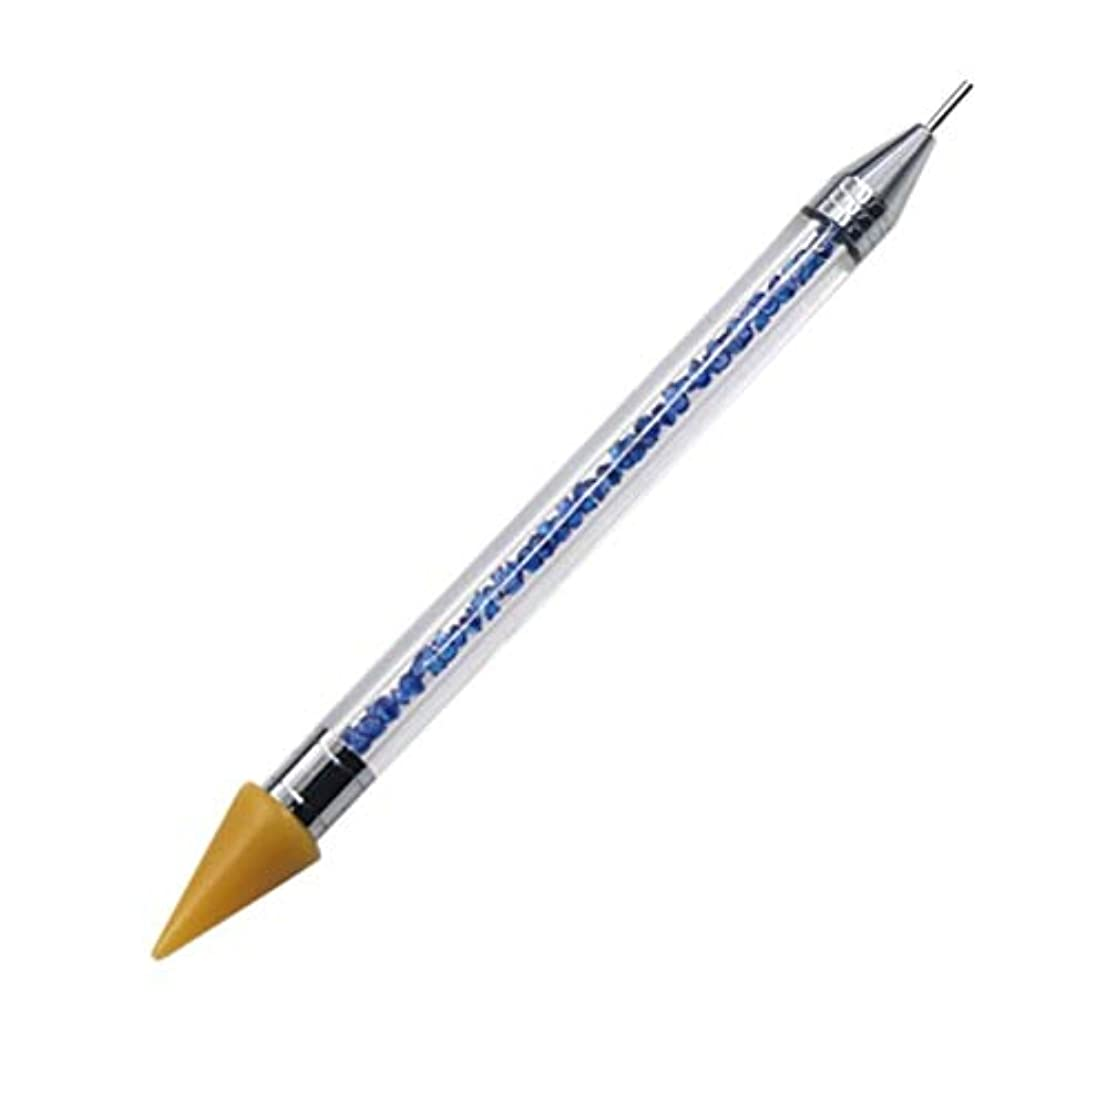 ゴールデン洞察力のあるバランスネイルペン DIY デュアルエンド 絵画ツール ペン ネイル筆 ネイルアートペン ネイルアートブラシ マニキュアツールキット ネイルツール ネイル用品 ラインストーンピッカー点在ペン マニキュアネイルアート DIY 装飾ツール